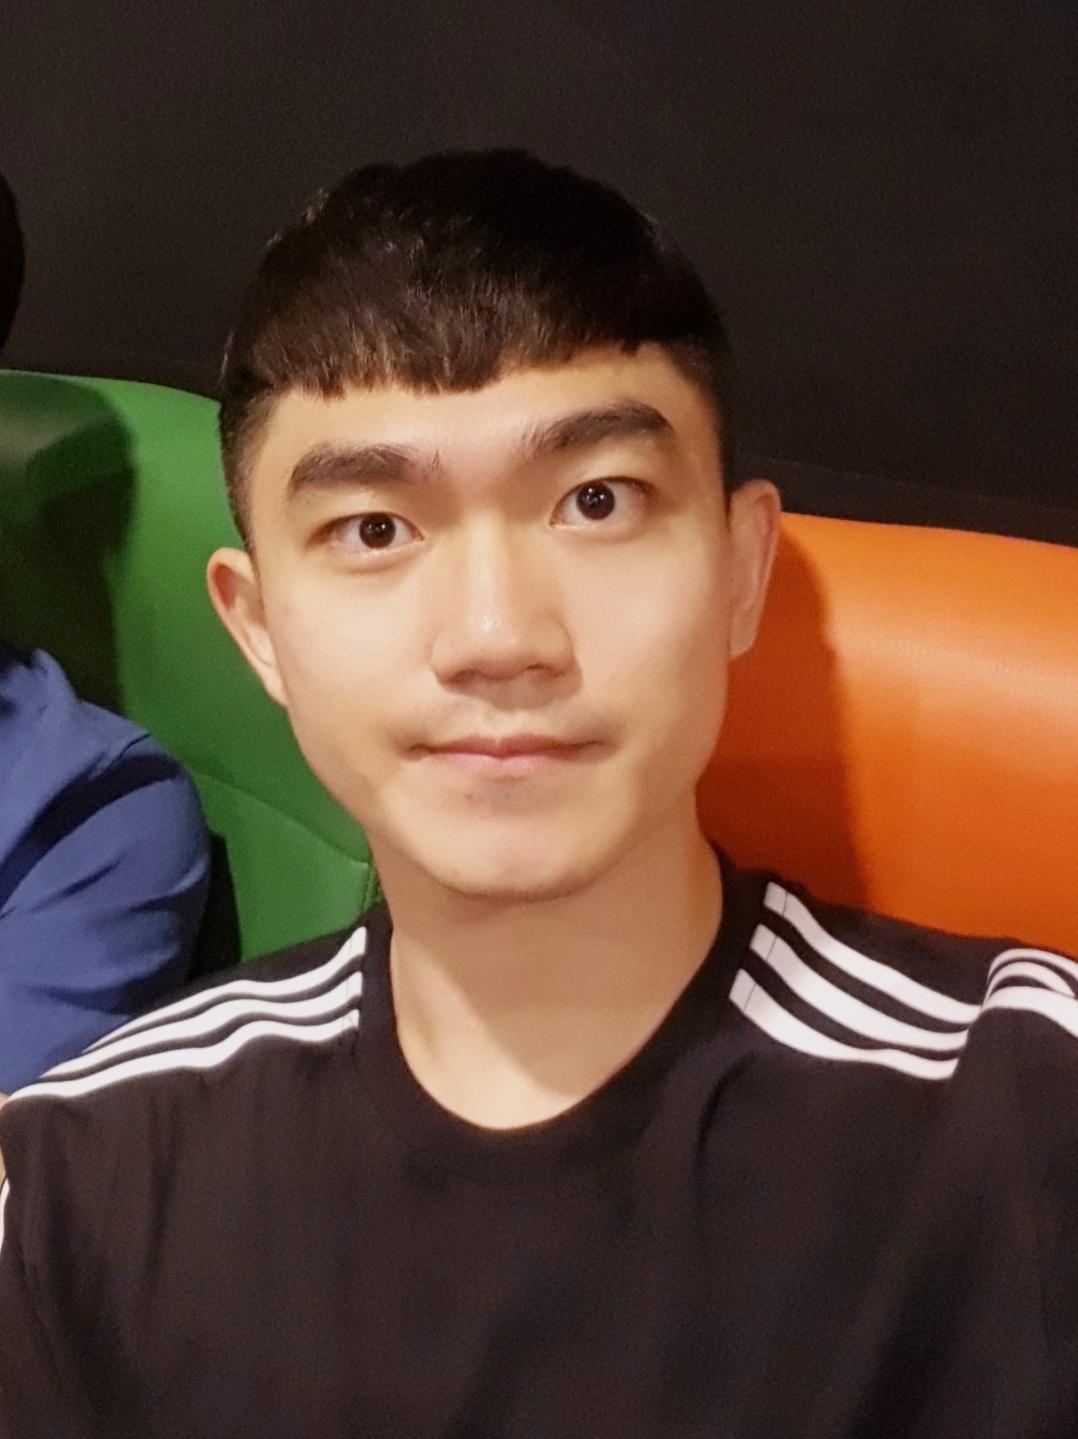 Giyoung Jung